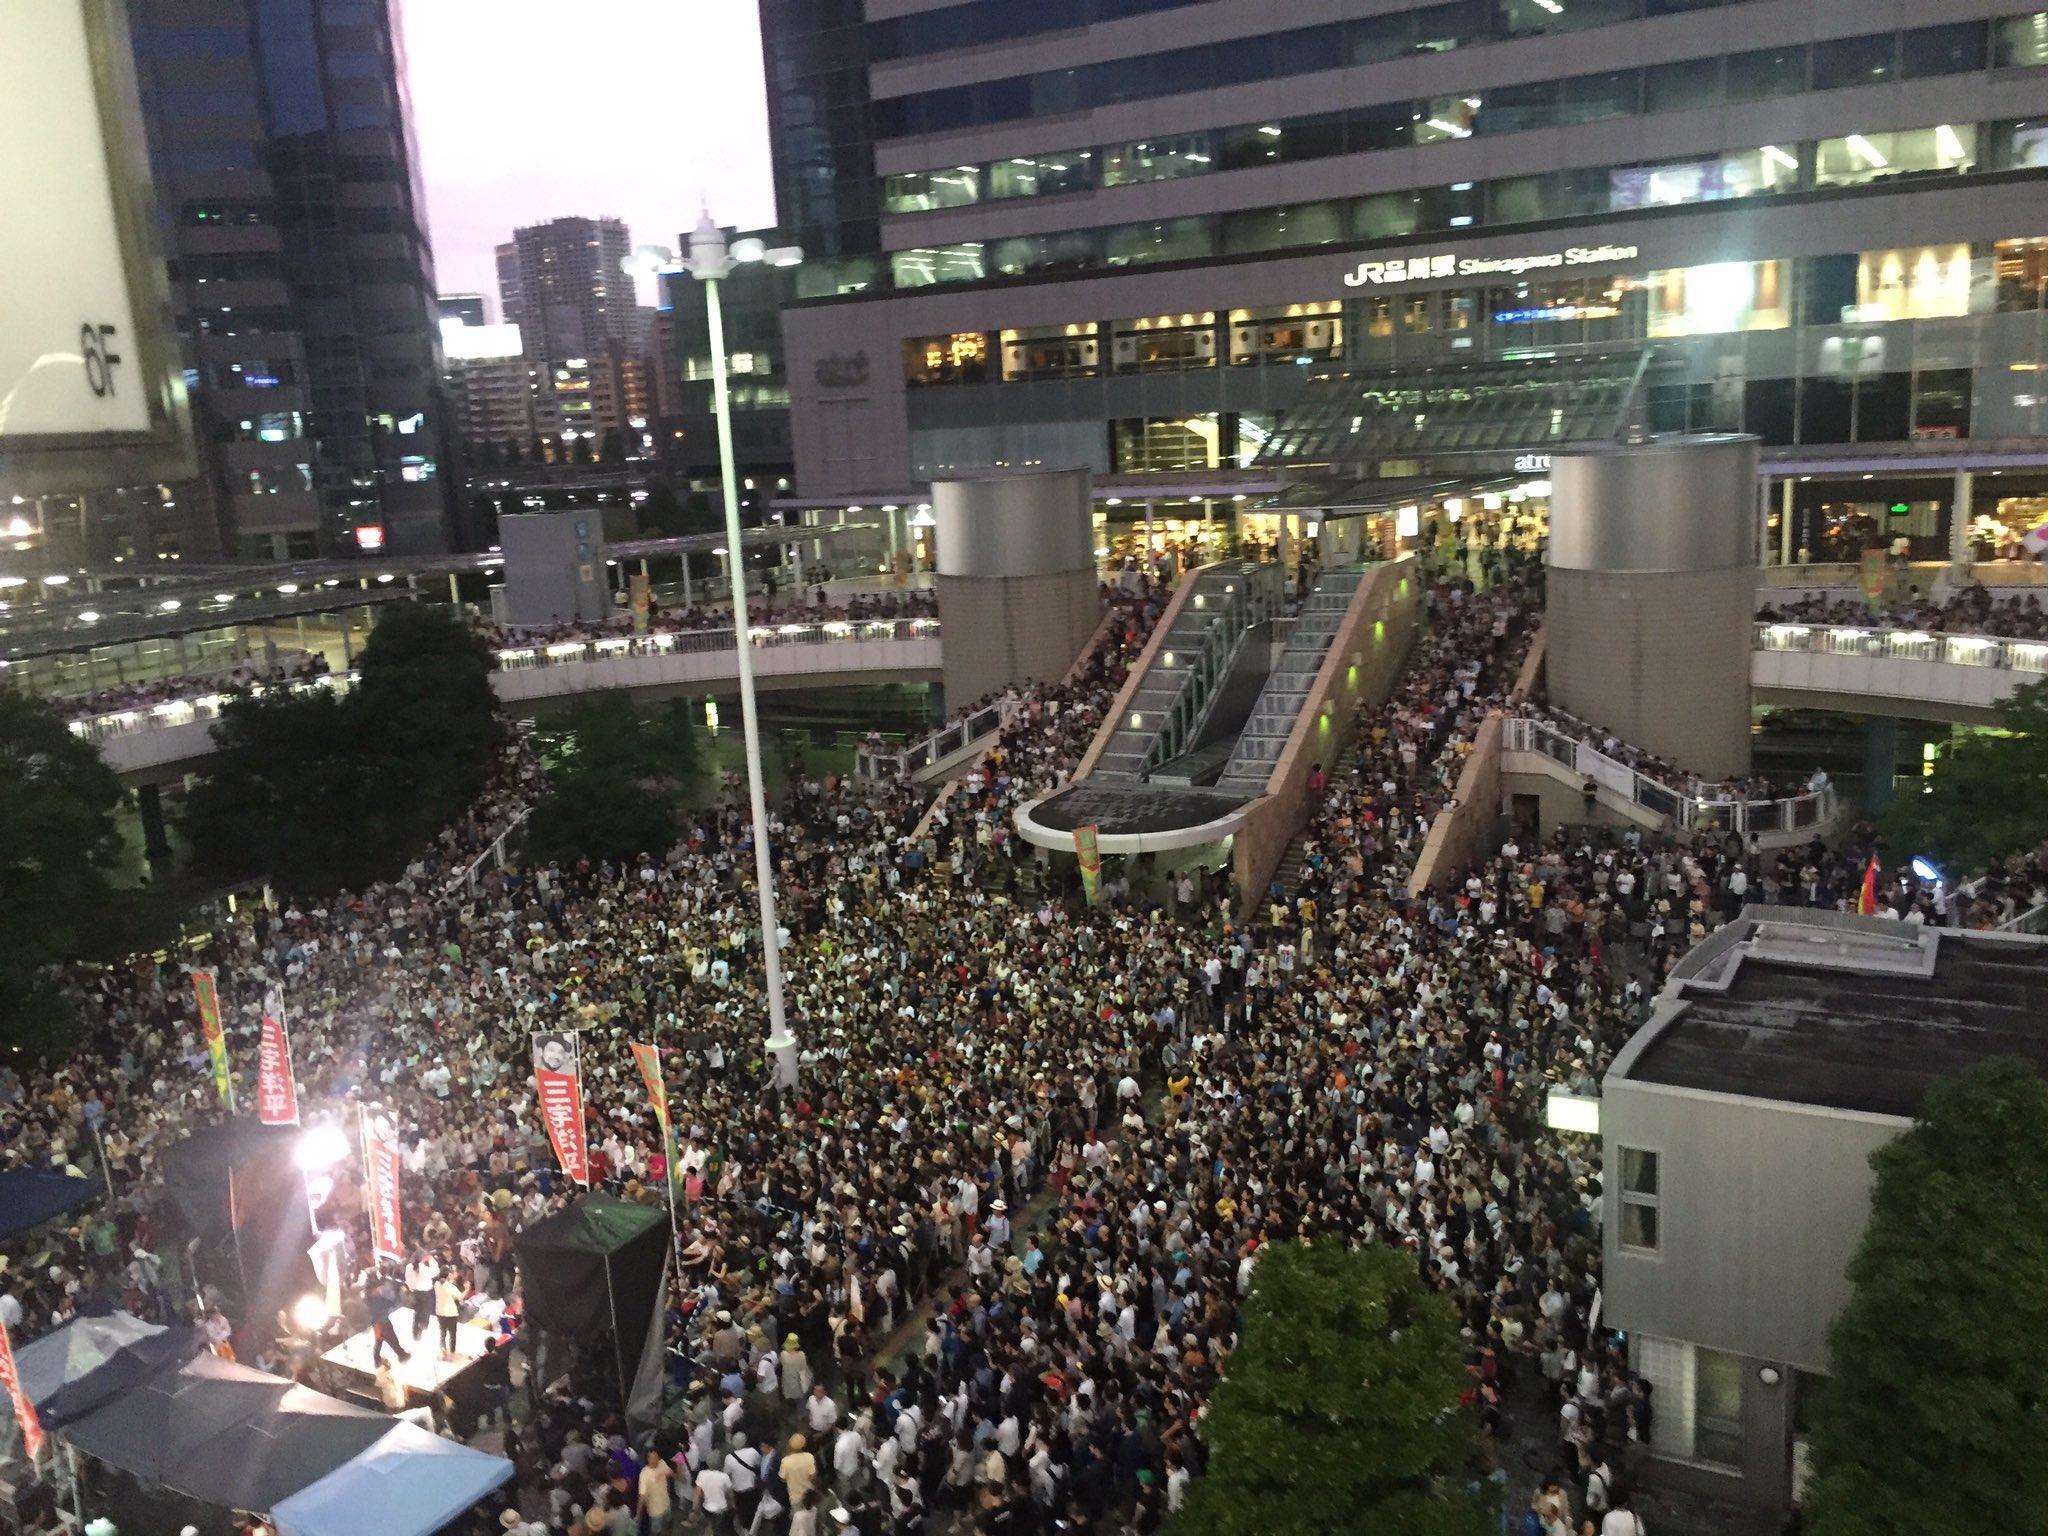 新しい政治の予感 ― 三宅洋平さんの選挙フェス